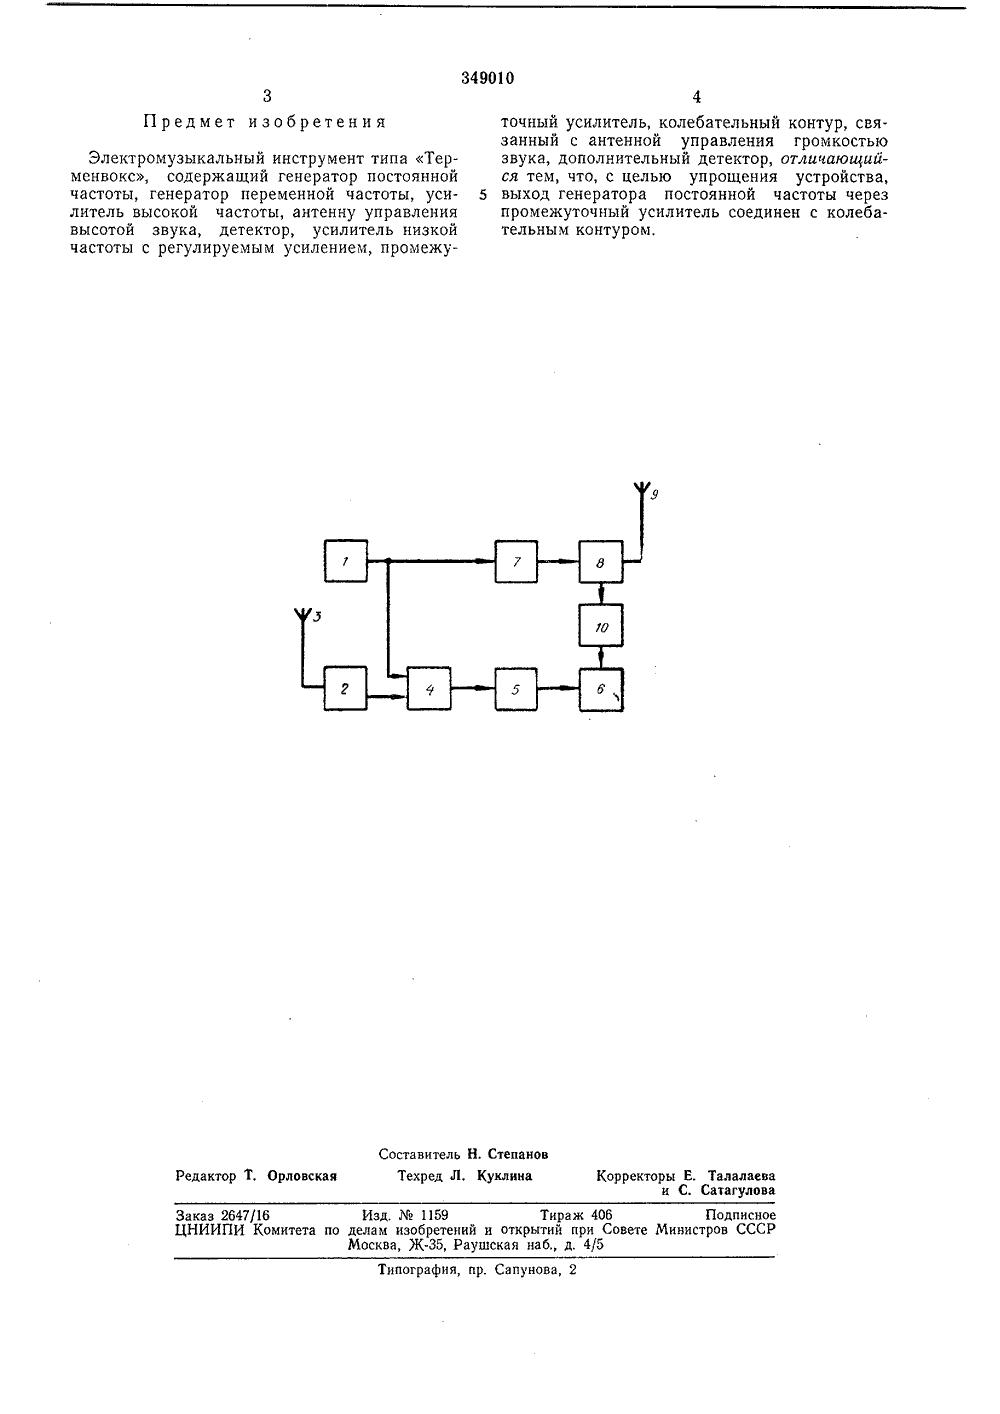 электрическая схема музыкального инструмента терменвокс